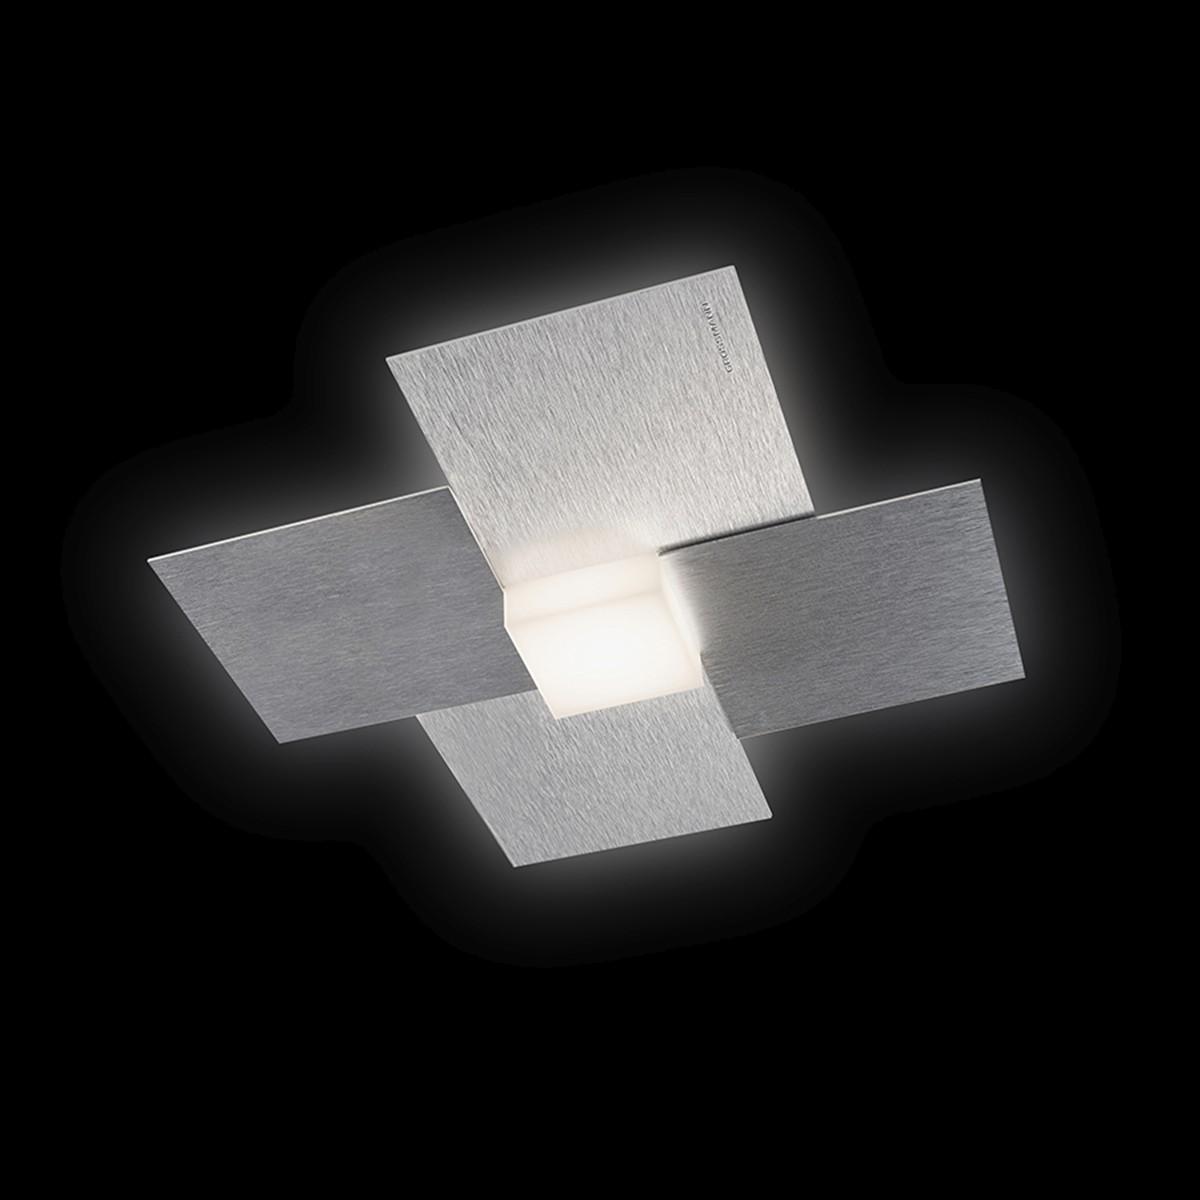 Grossmann Creo LED Wand- / Deckenleuchte, Aluminium gebürstet, 27,5 x 27,5 cm